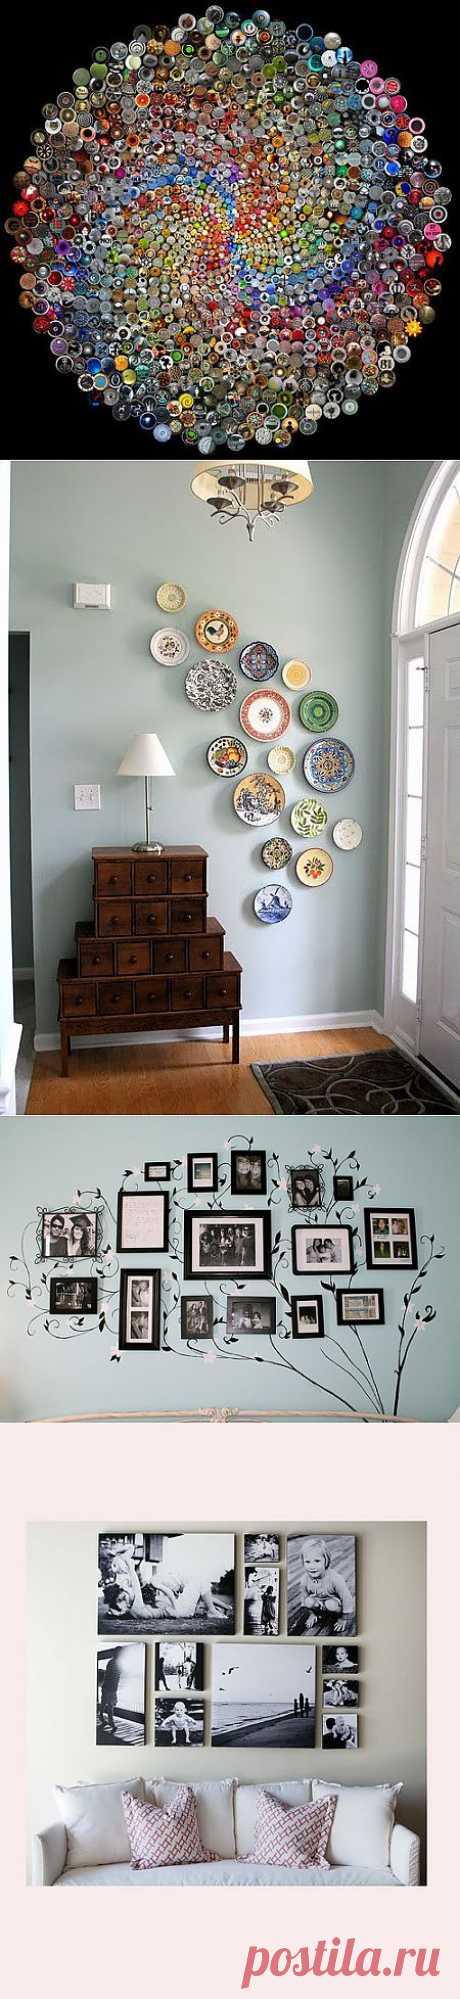 Еще красивых идей по украшению стен